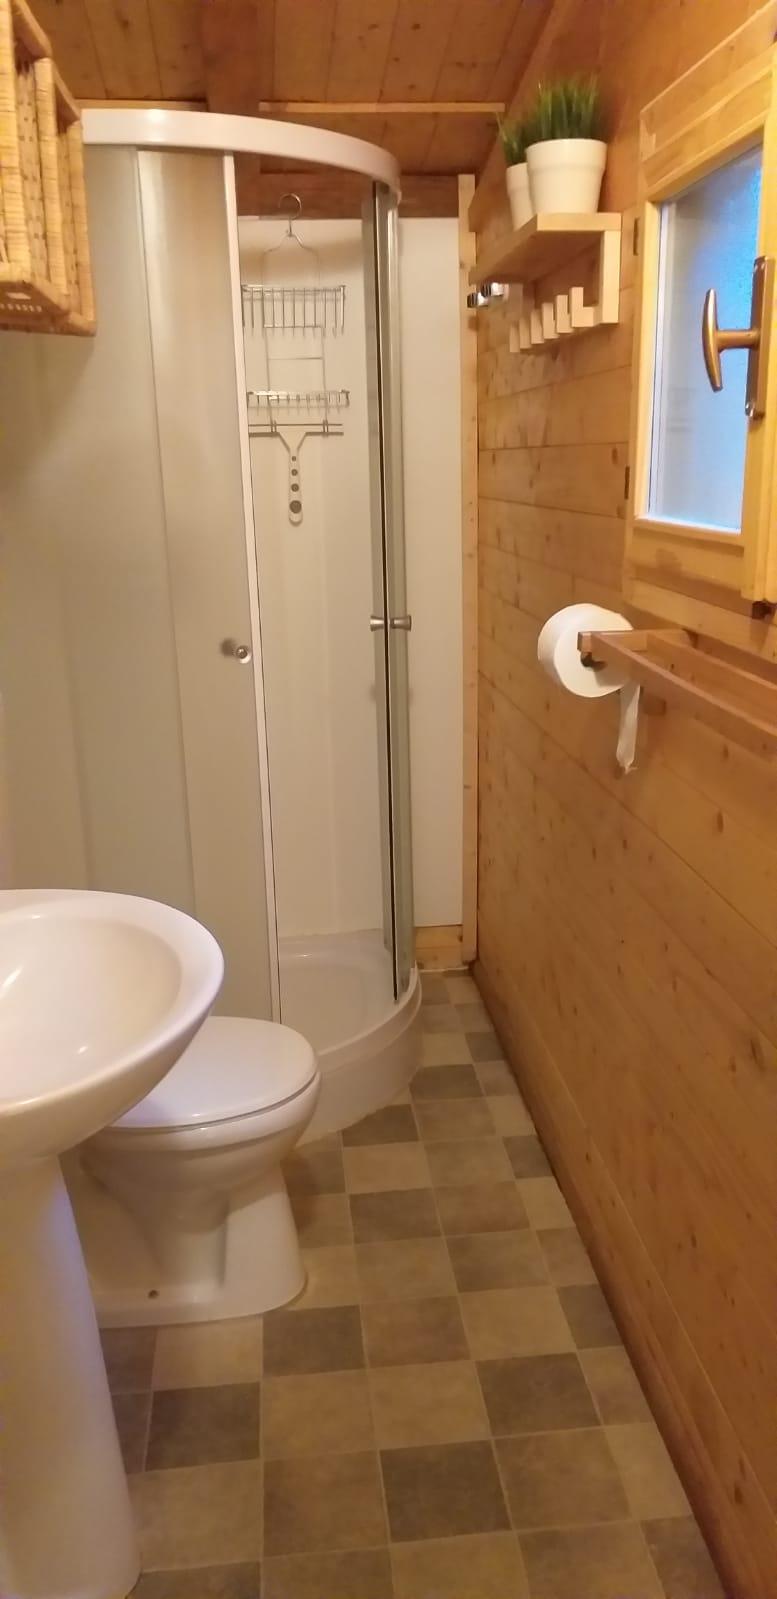 Badkamer - Voorzien van douche, toilet en wastafel met spiegel